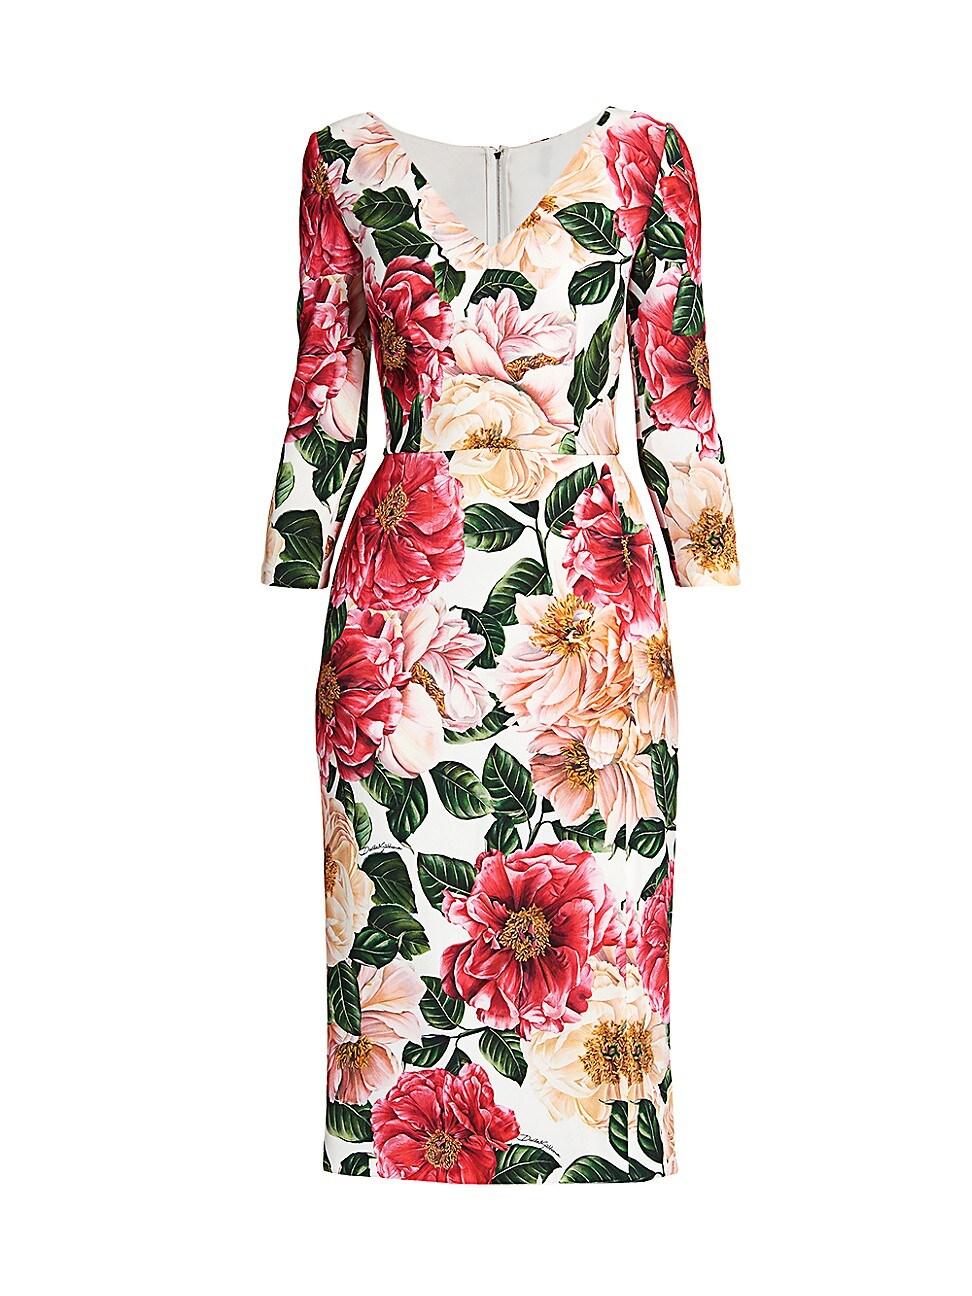 Dolce & Gabbana WOMEN'S FLORAL V-NECK CADY DRESS